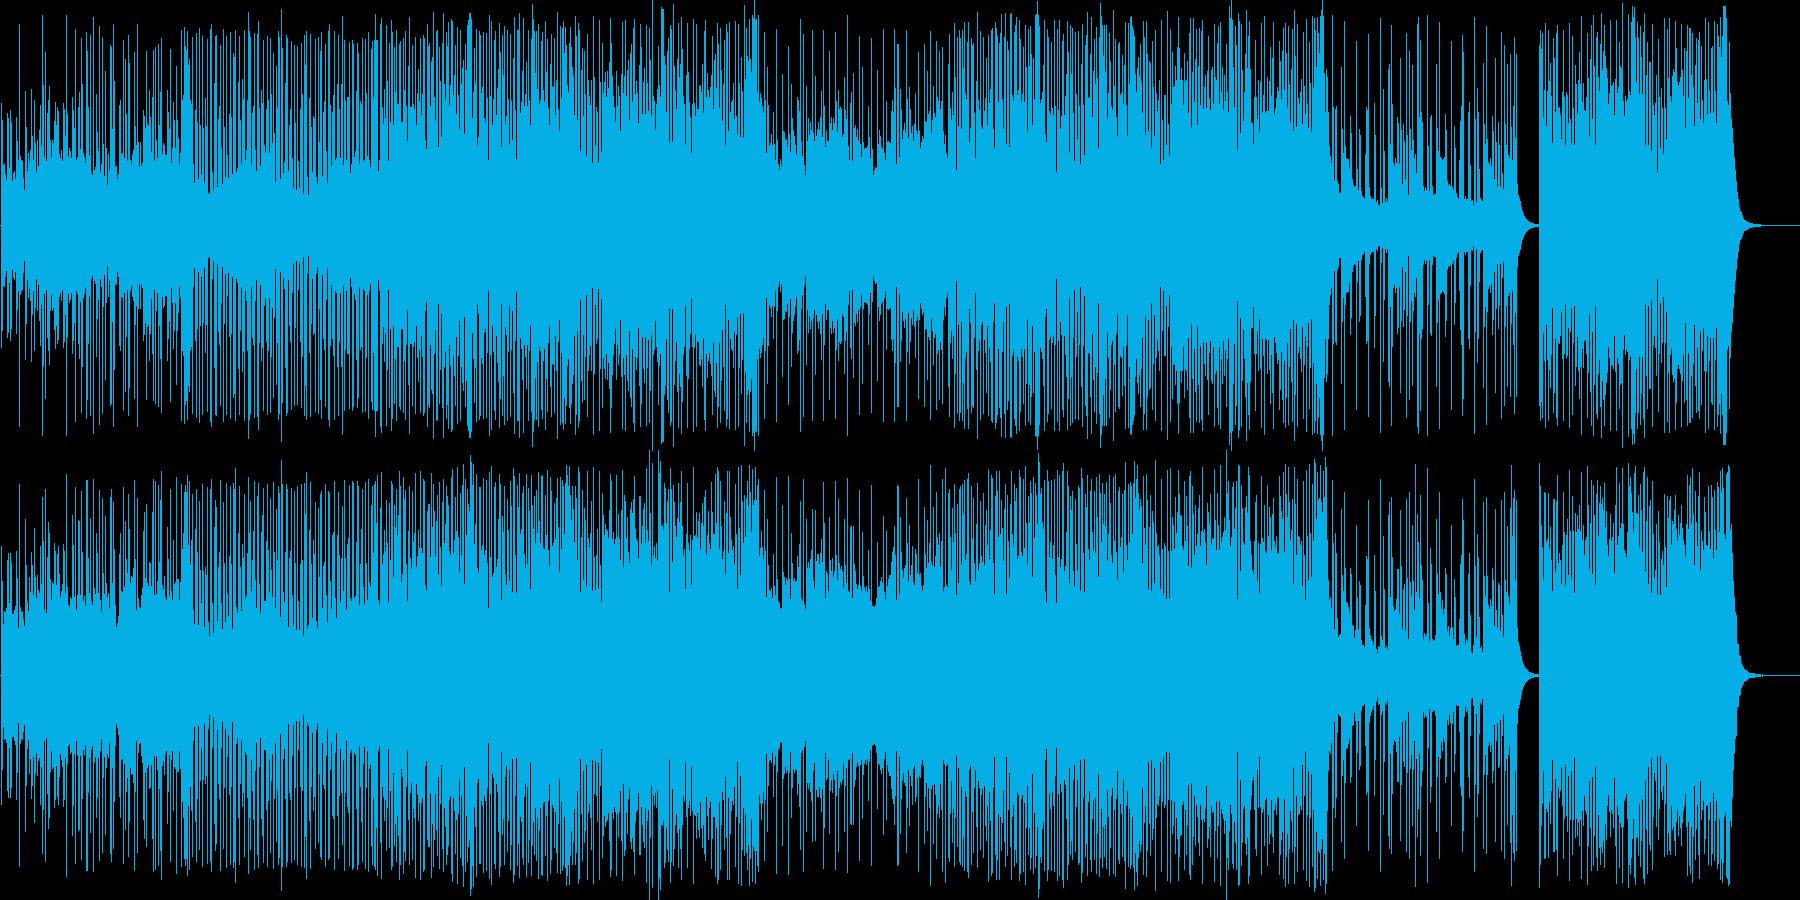 ストリングス/ヒップホップ/動画向き#2の再生済みの波形